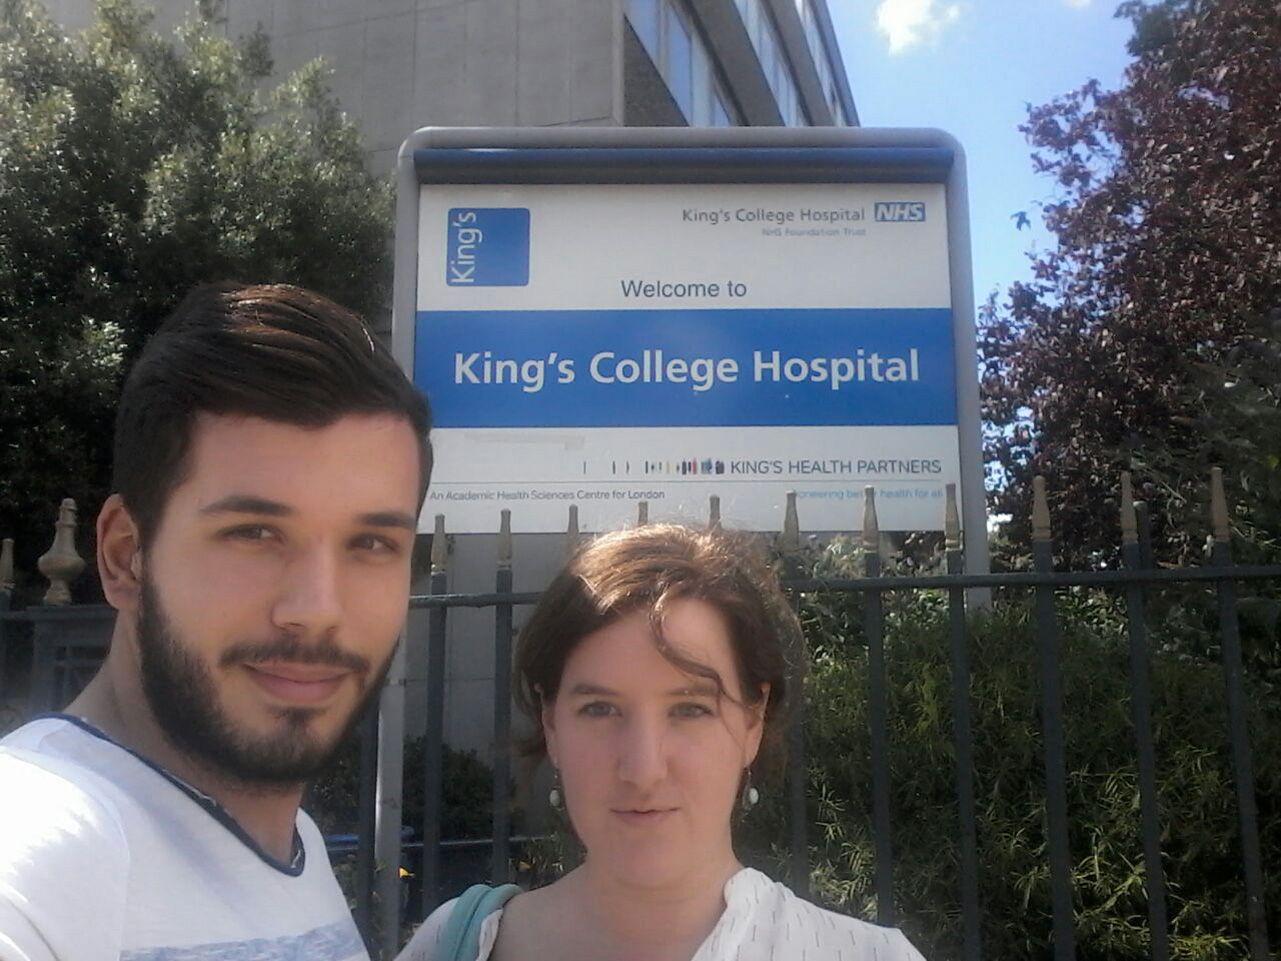 Alumnos Enfermería prácticas King's College